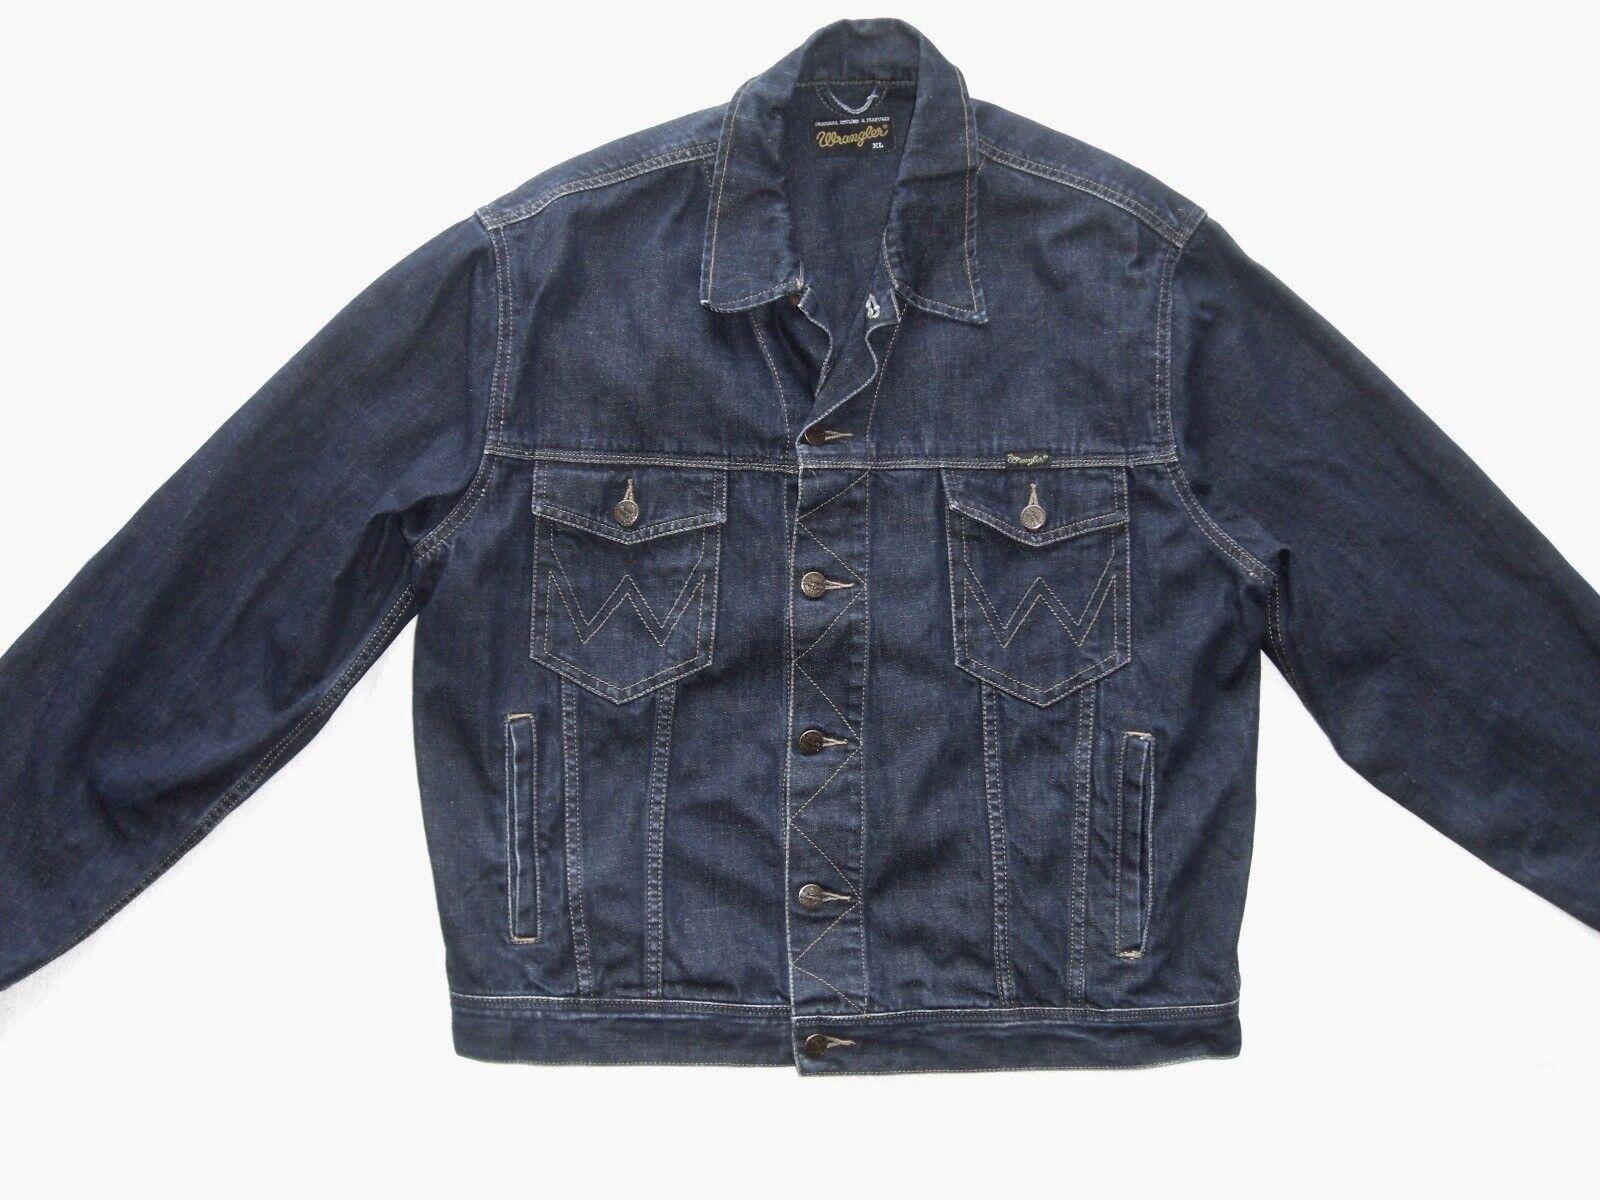 WRANGLER Uomo stato Giacca Jeans Taglia XL modello AUTHENTIC Western stato Uomo come nuovo 66b86f